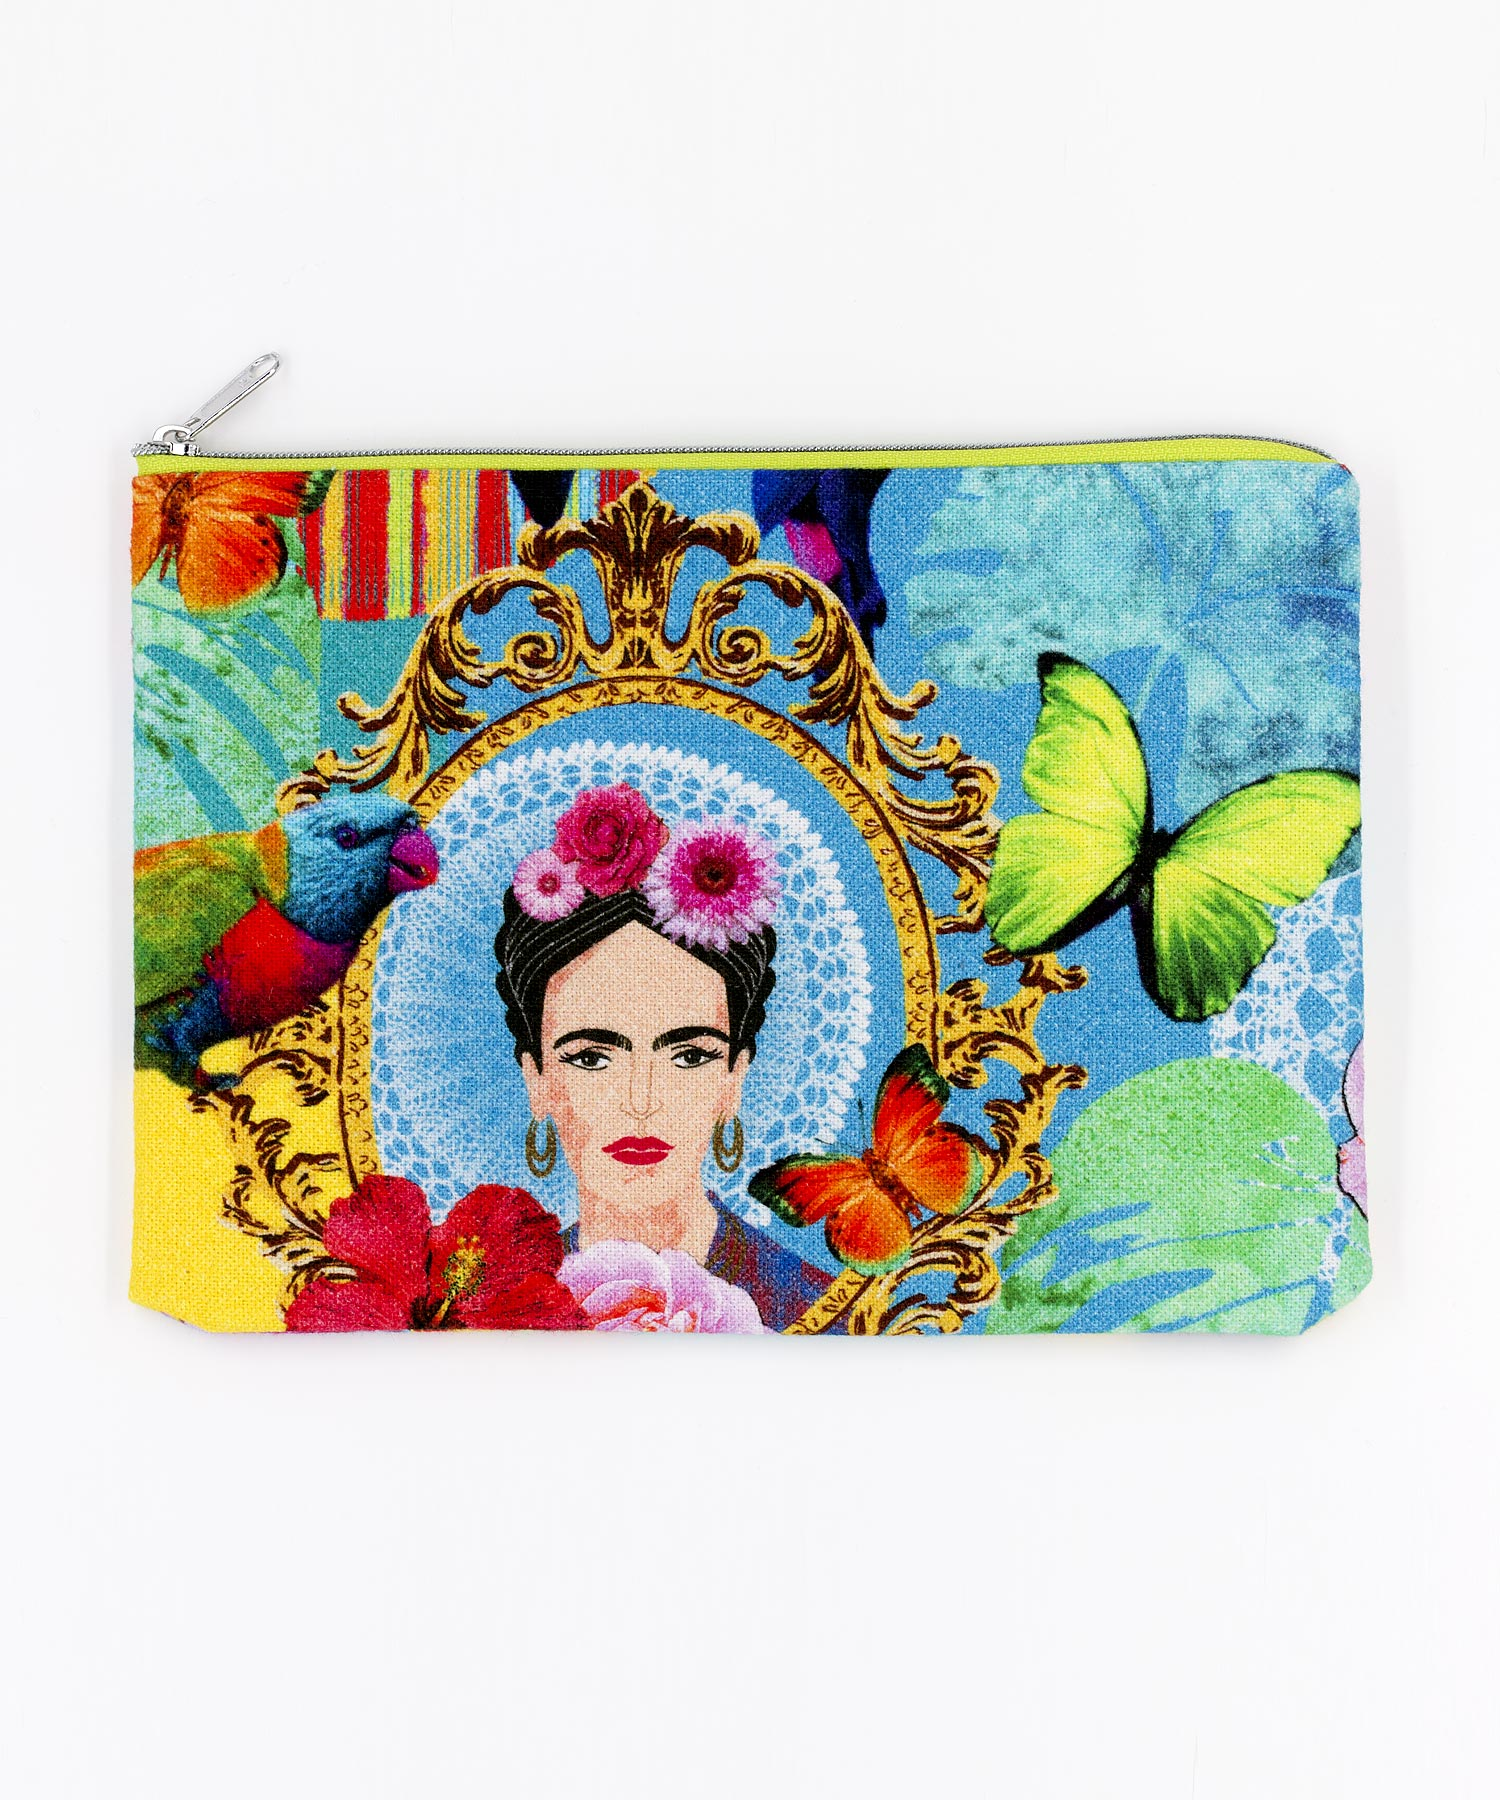 Kosmetiktasche Frida Kahlo mit Blumen und Vögeln